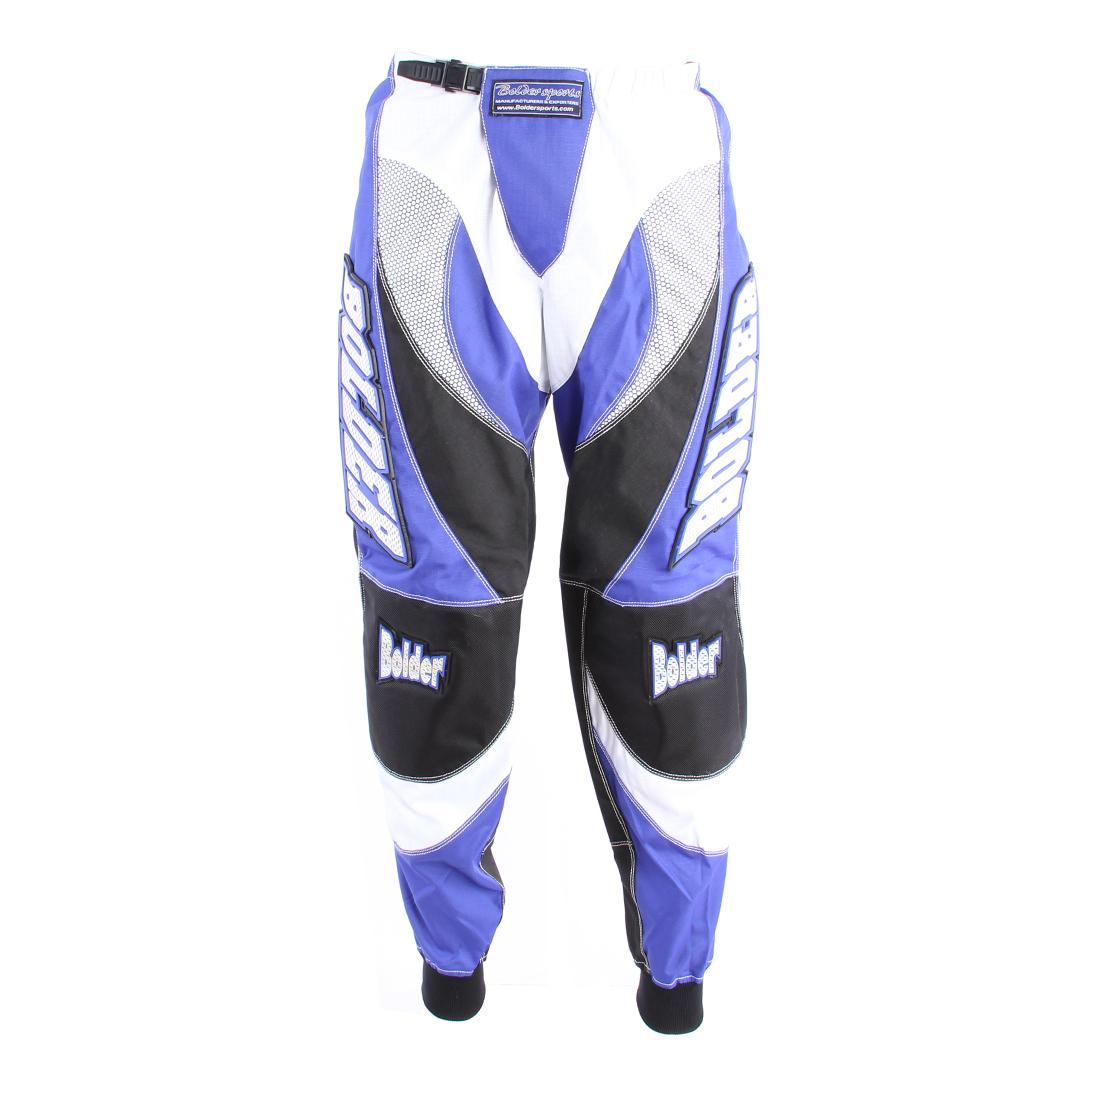 Kalhoty Motocross Kids modré - Velikost: 24